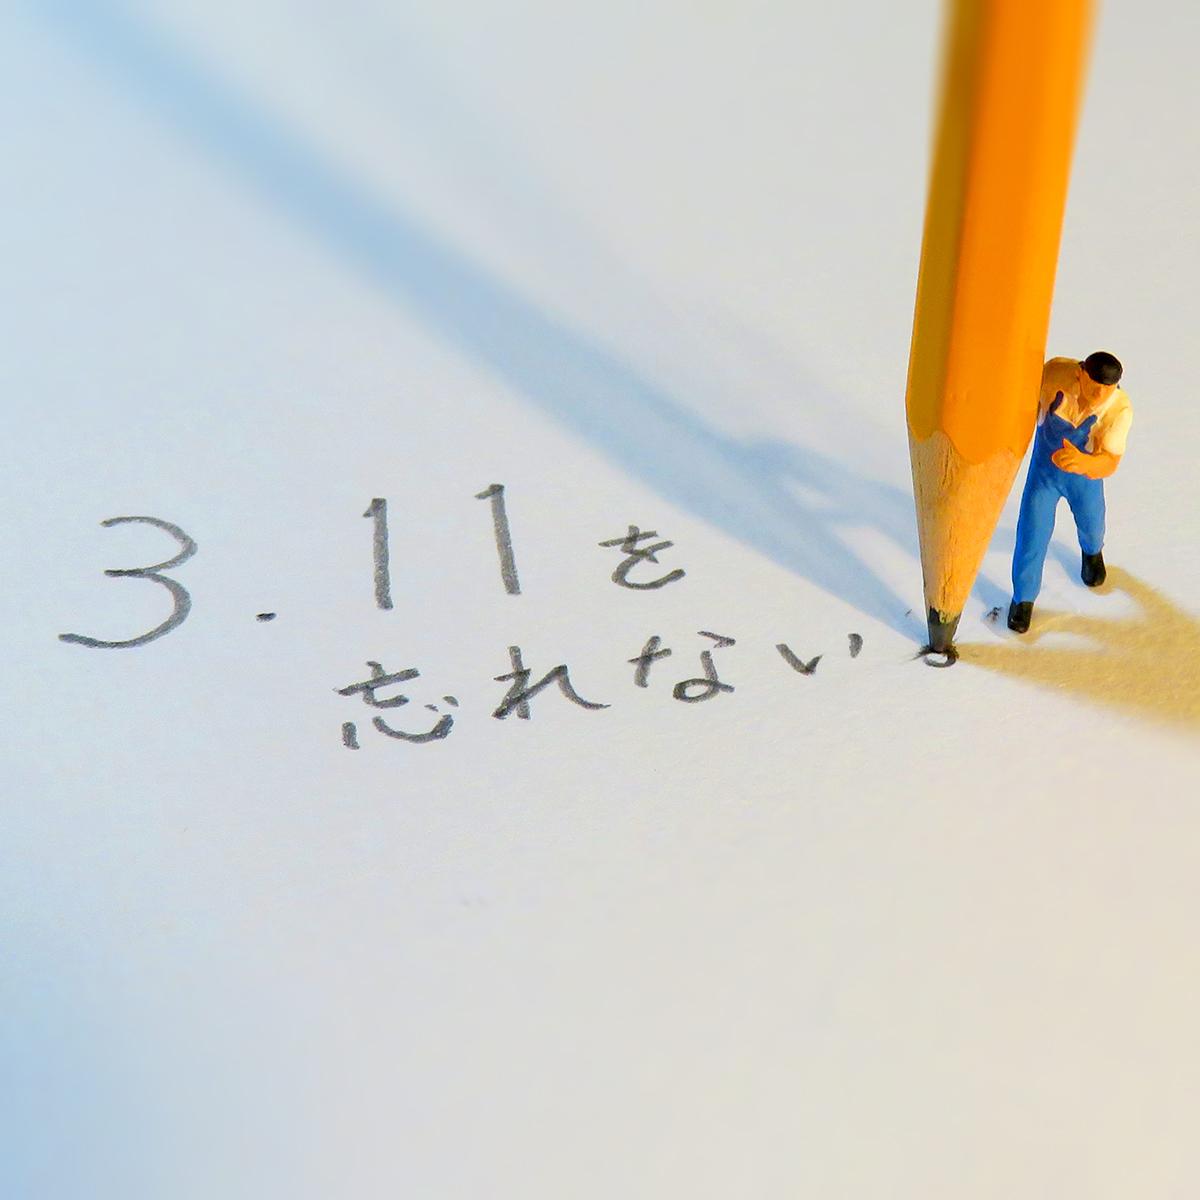 東日本大震災から6年が経ちました。この3.11を絶対に忘れない。